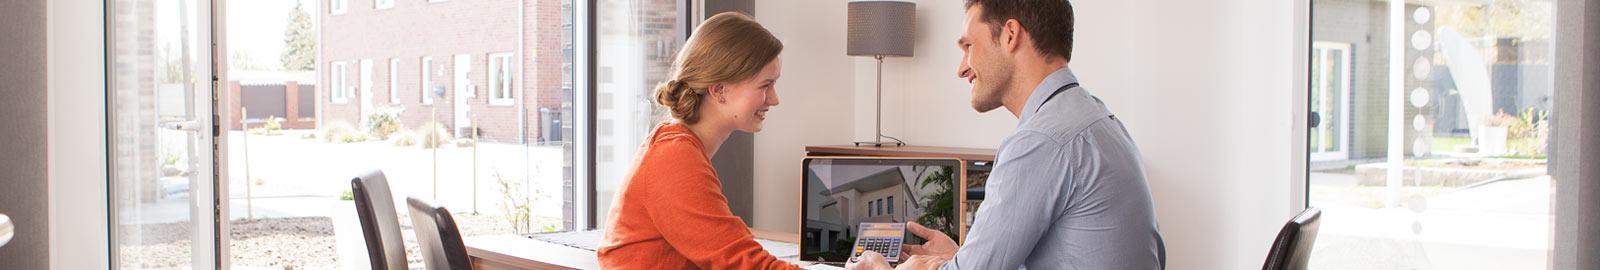 nebenkosten beim hauskauf damit m ssen sie rechnen. Black Bedroom Furniture Sets. Home Design Ideas